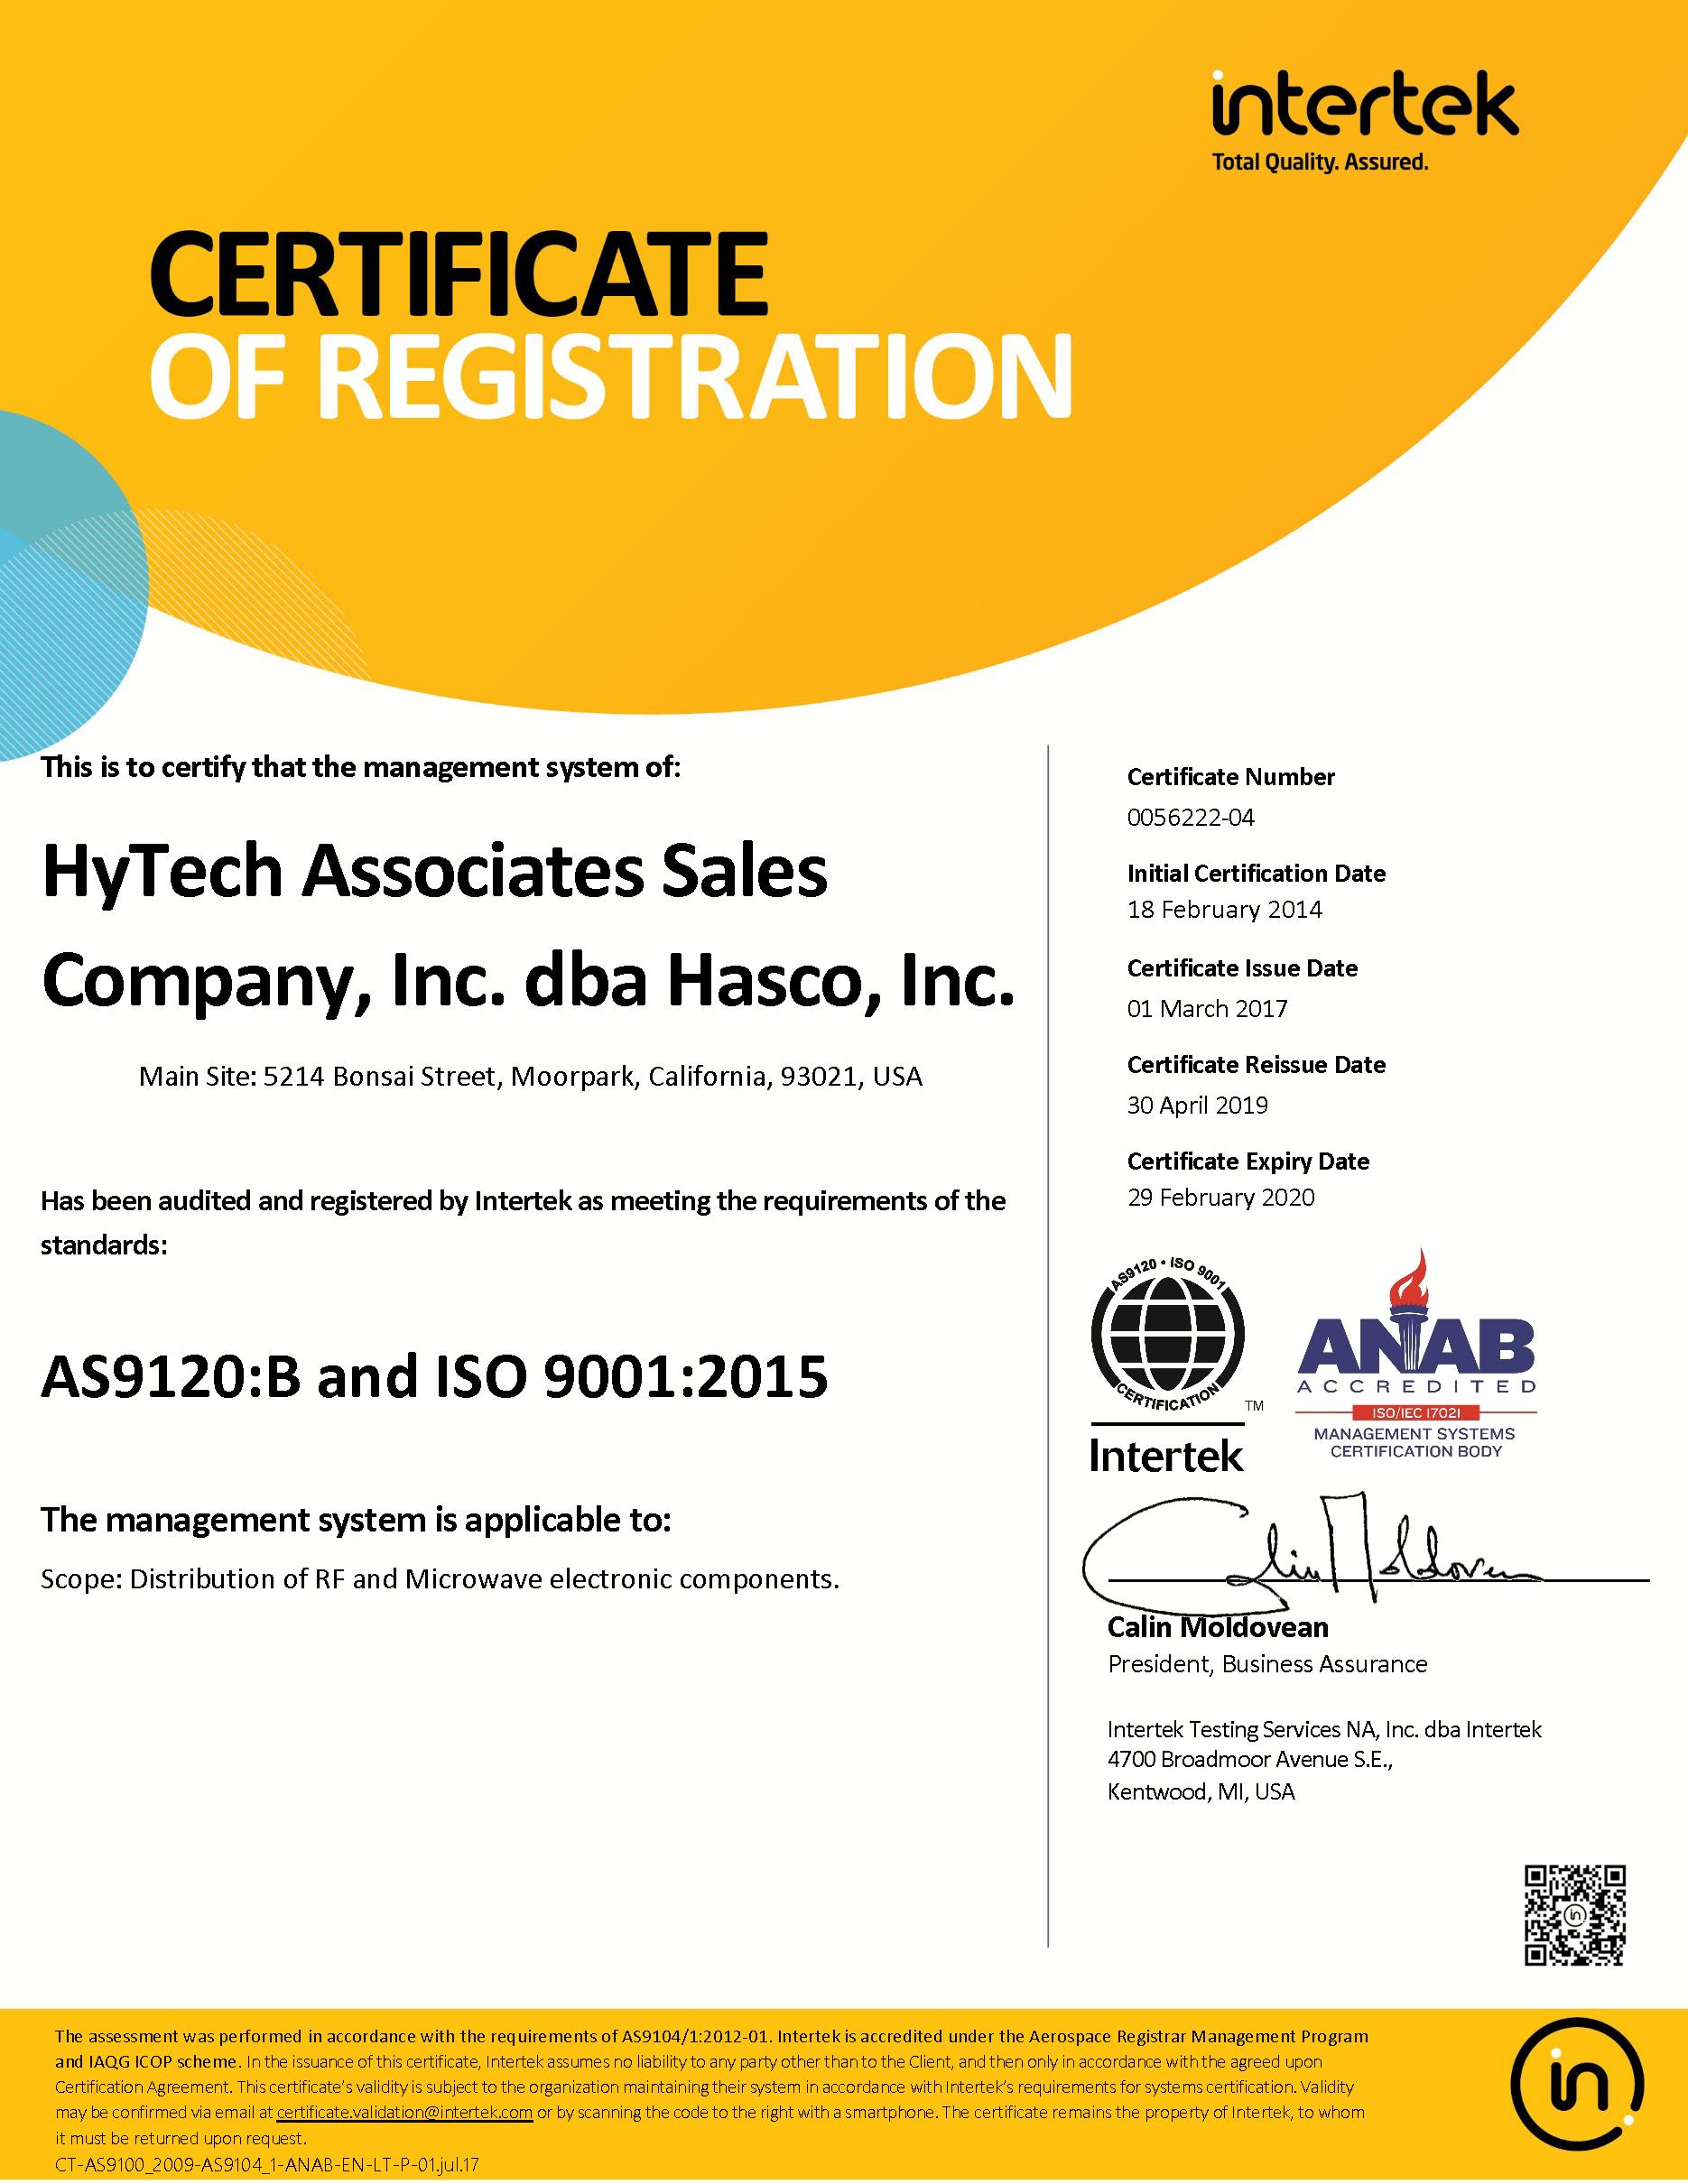 intertek-certificate-as9120b-exp-02-29-20-043019.png